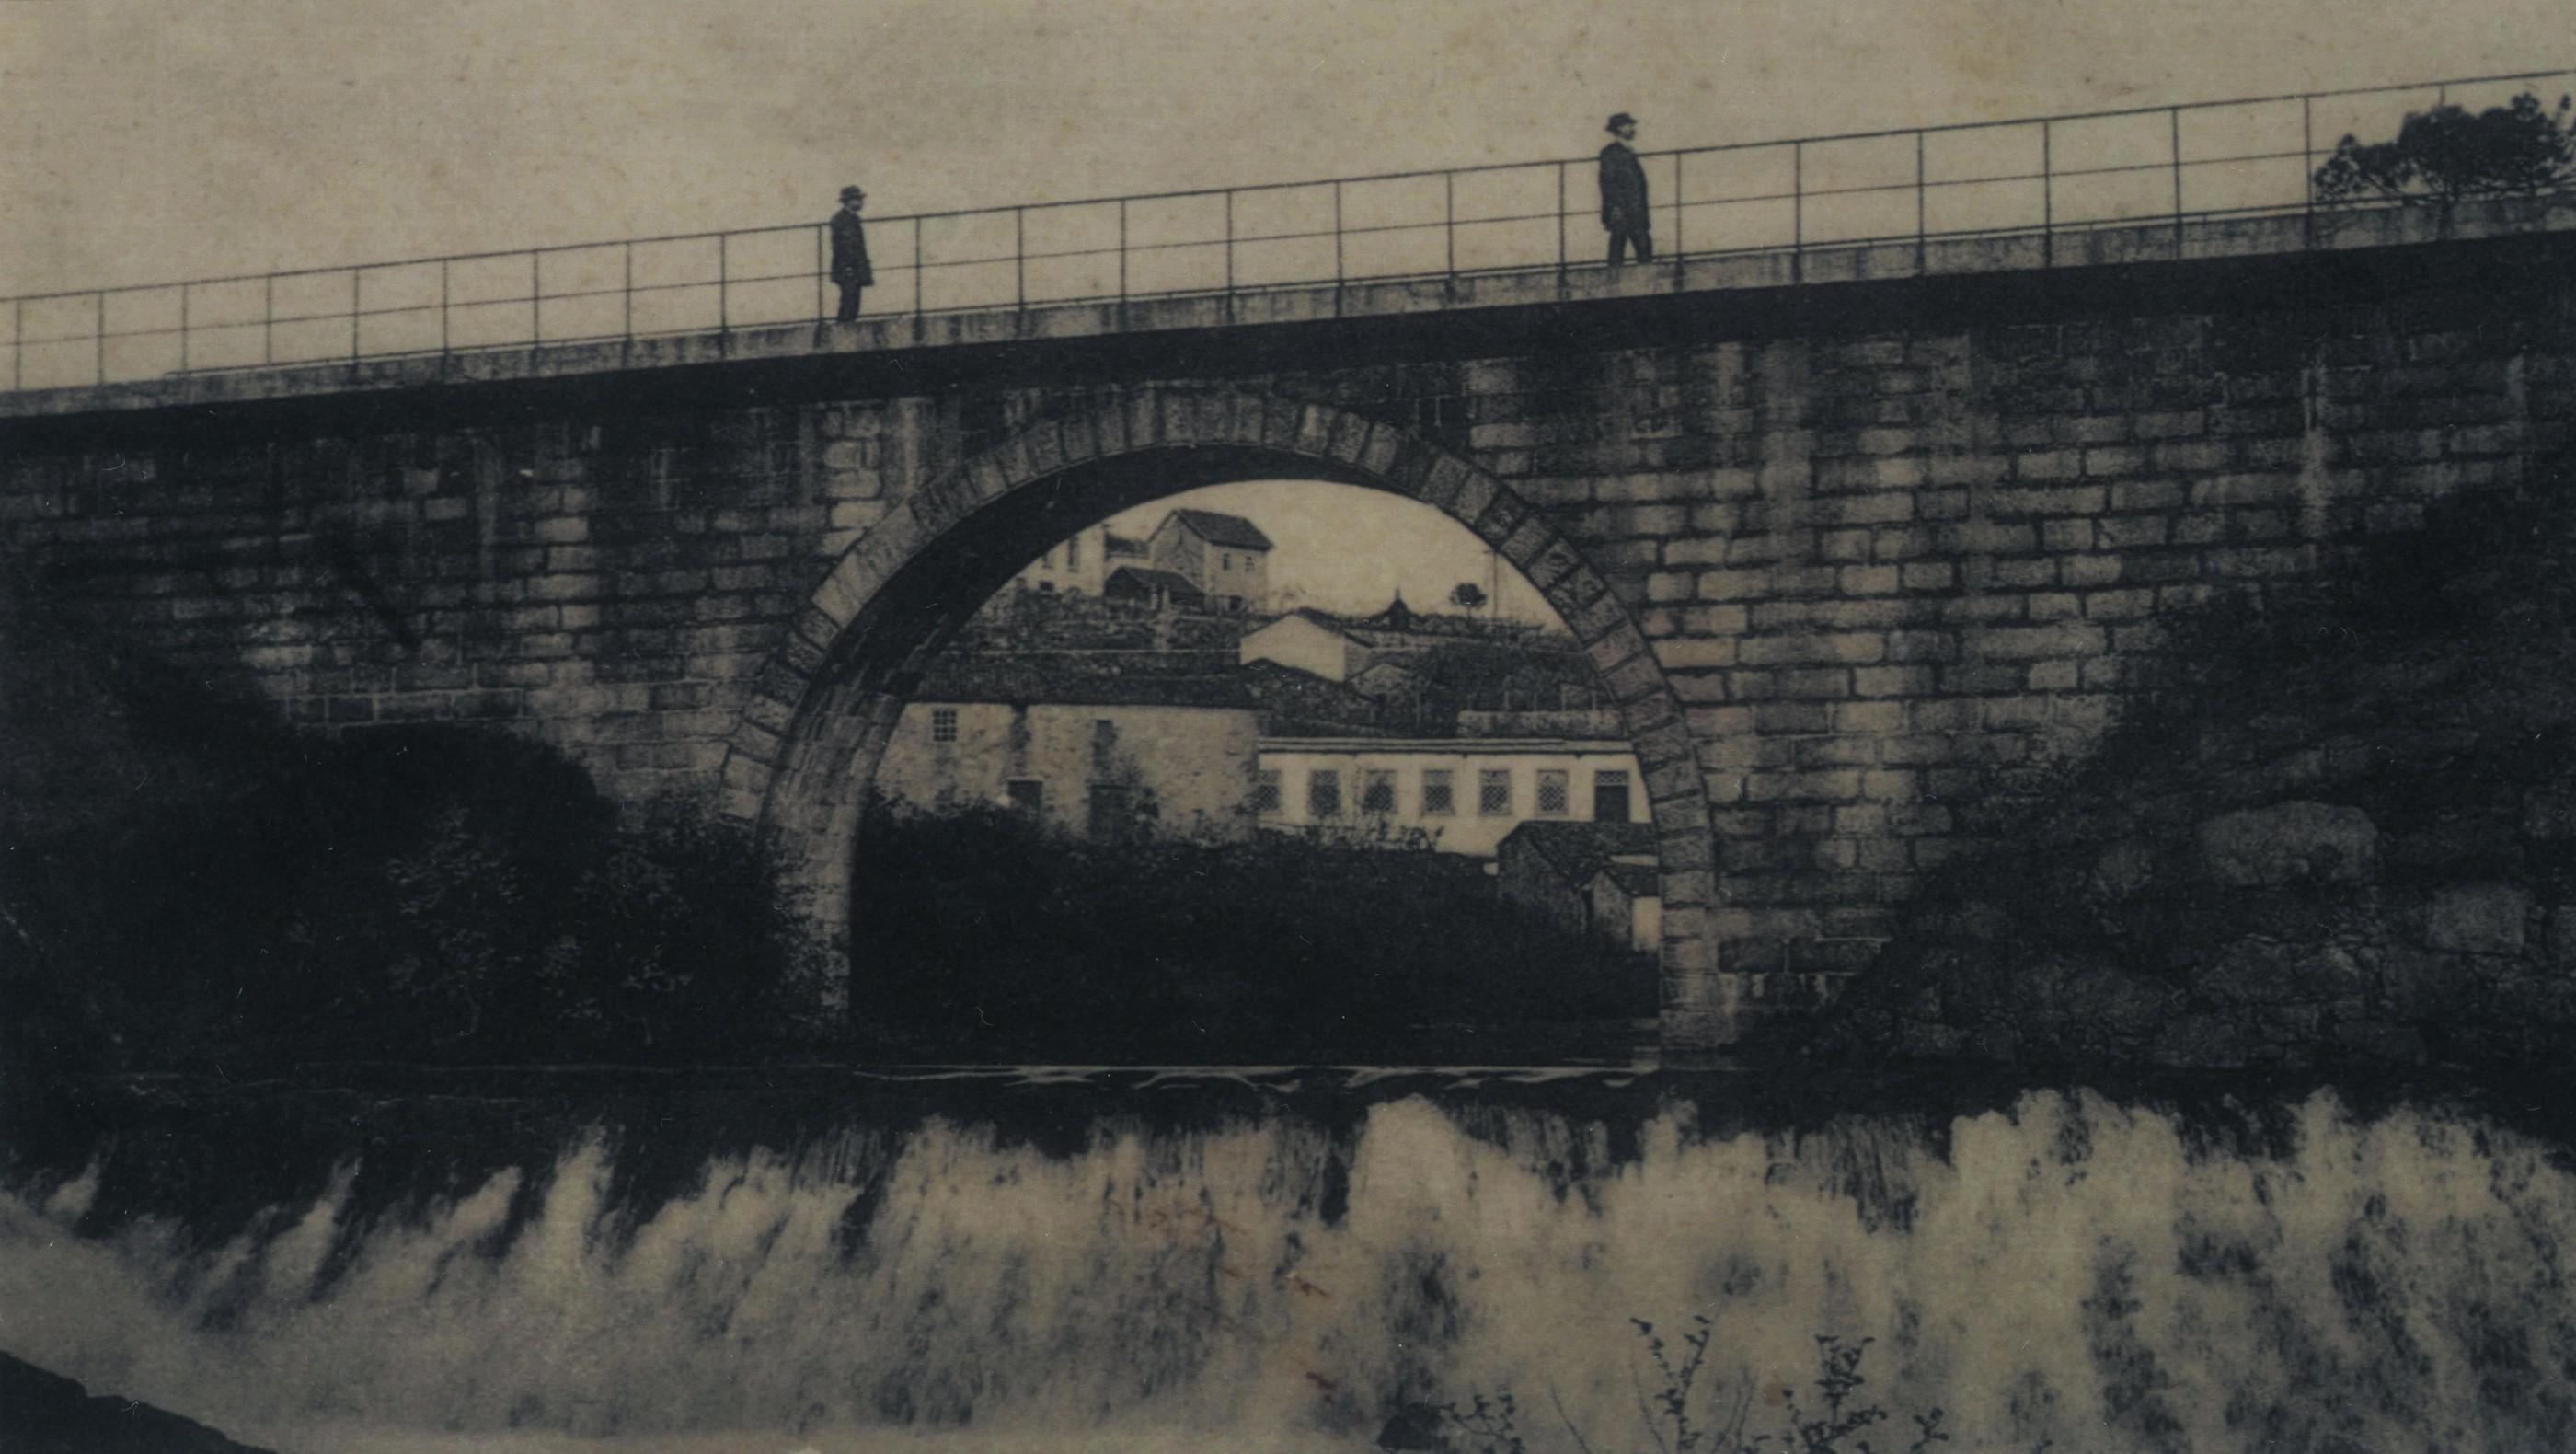 Ponte do caminho de ferro do Vale do Vouga, Cucujães (1916)